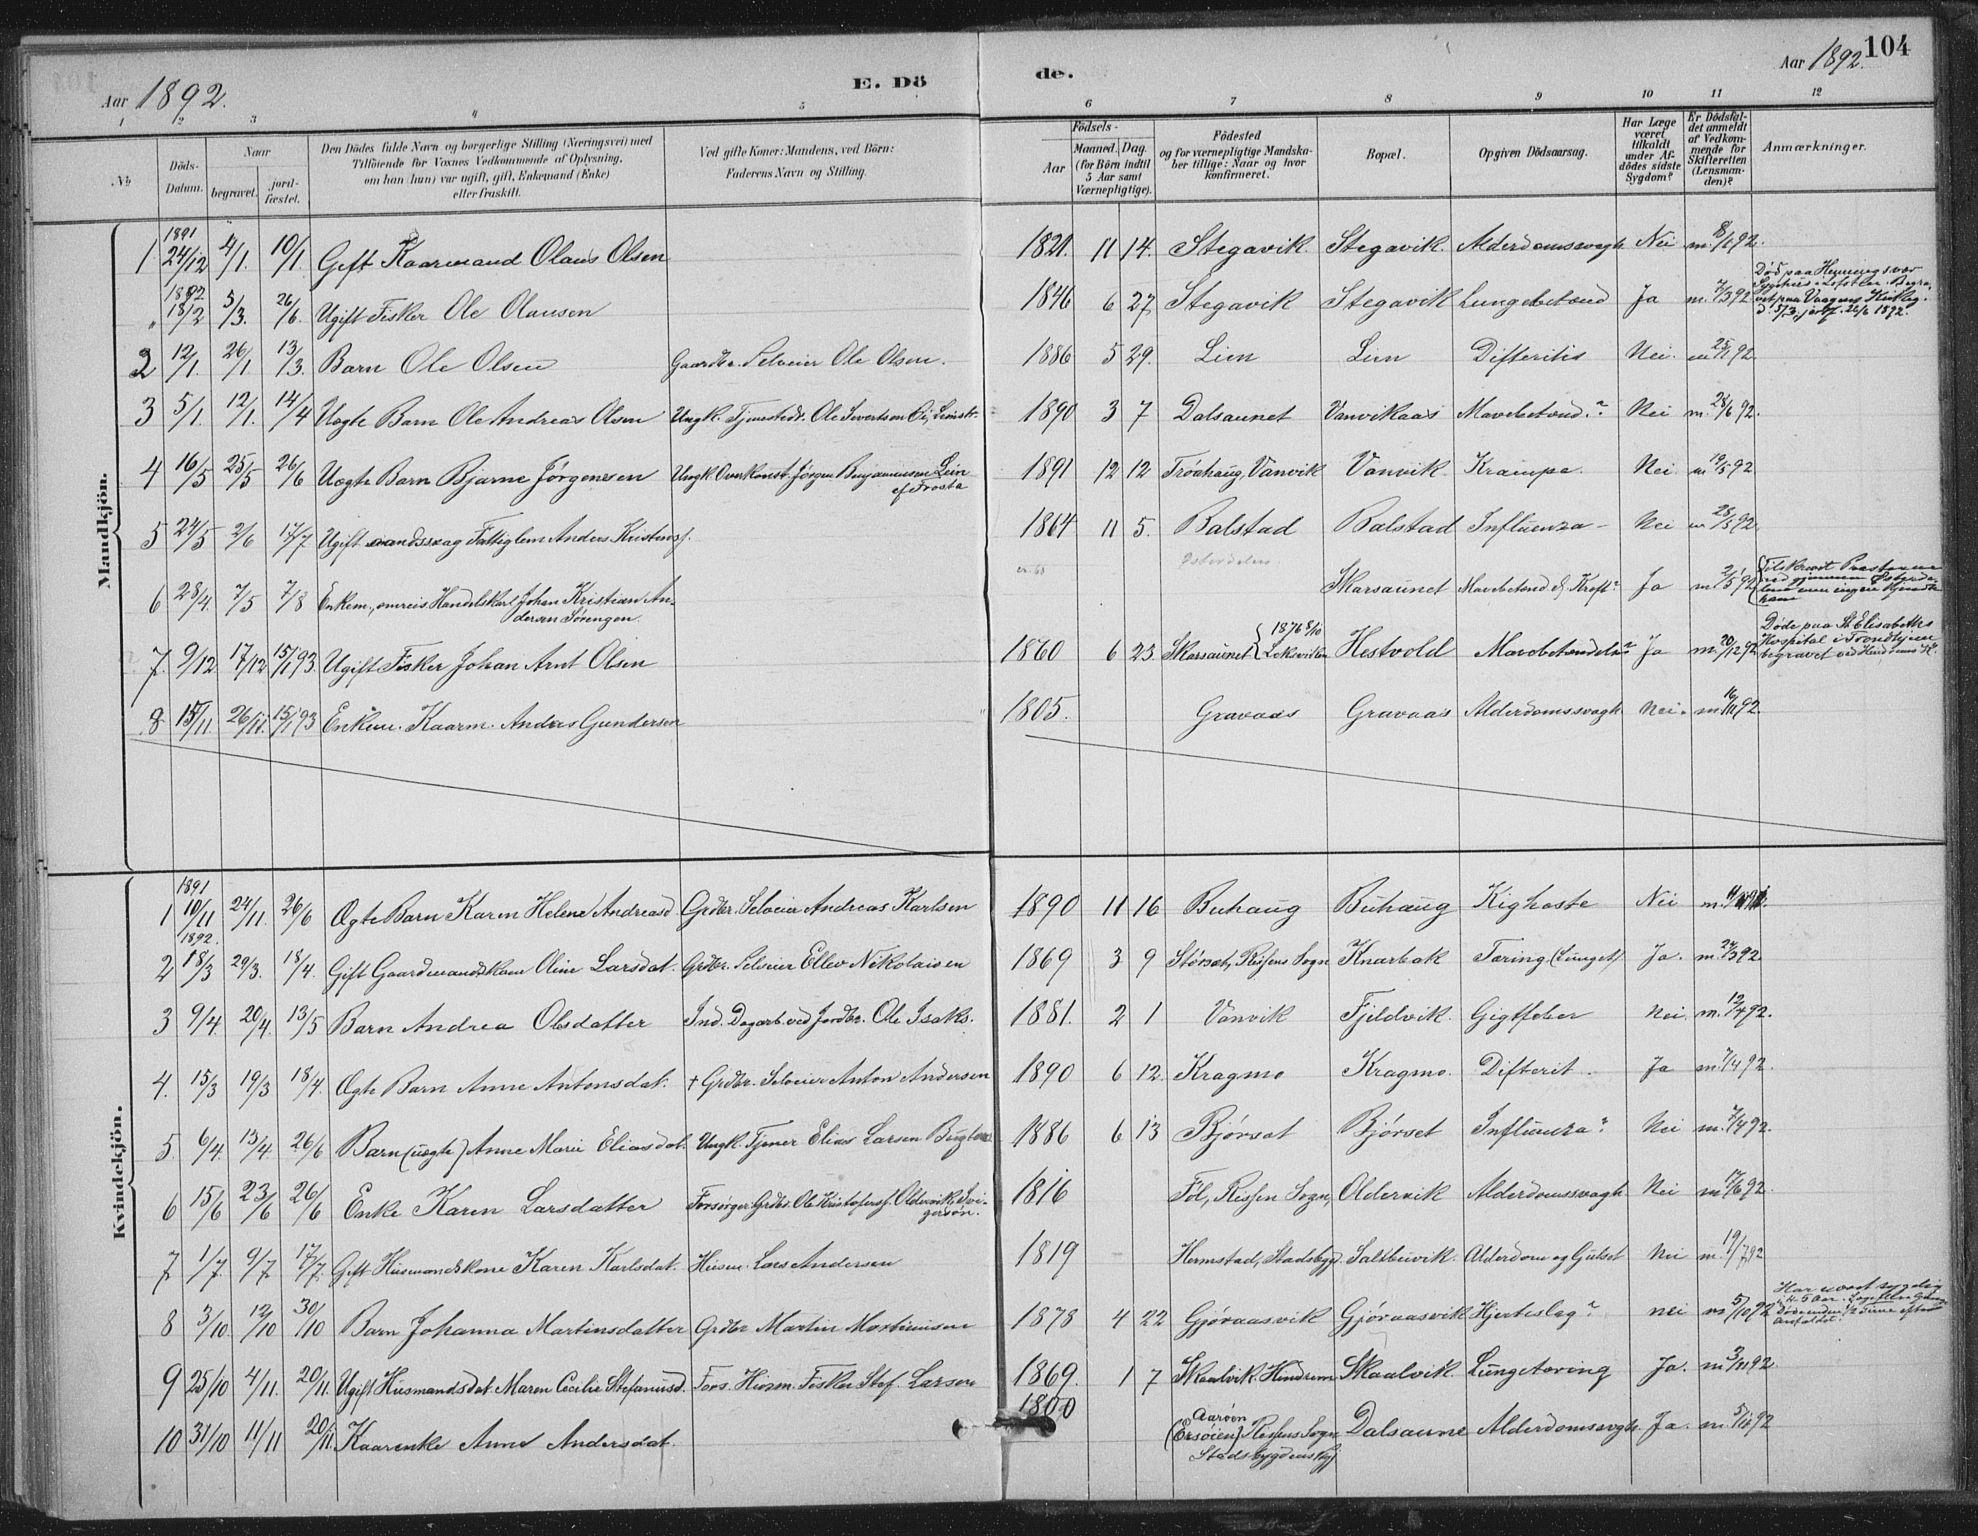 SAT, Ministerialprotokoller, klokkerbøker og fødselsregistre - Nord-Trøndelag, 702/L0023: Ministerialbok nr. 702A01, 1883-1897, s. 104